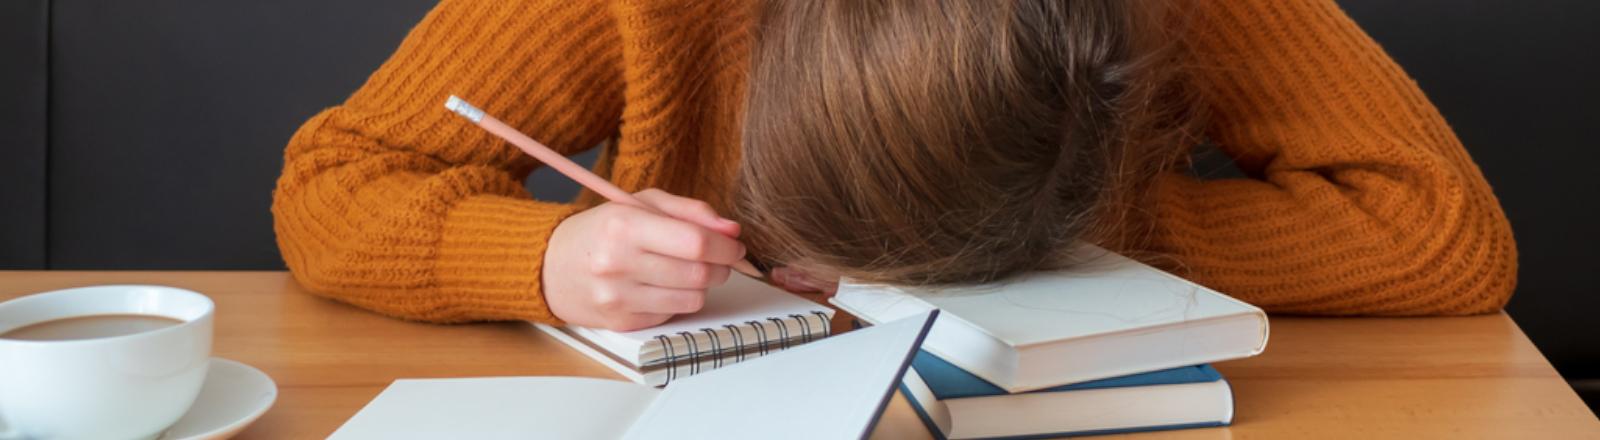 Gestresste Frau legt ihren Kopf auf den Schreibtisch